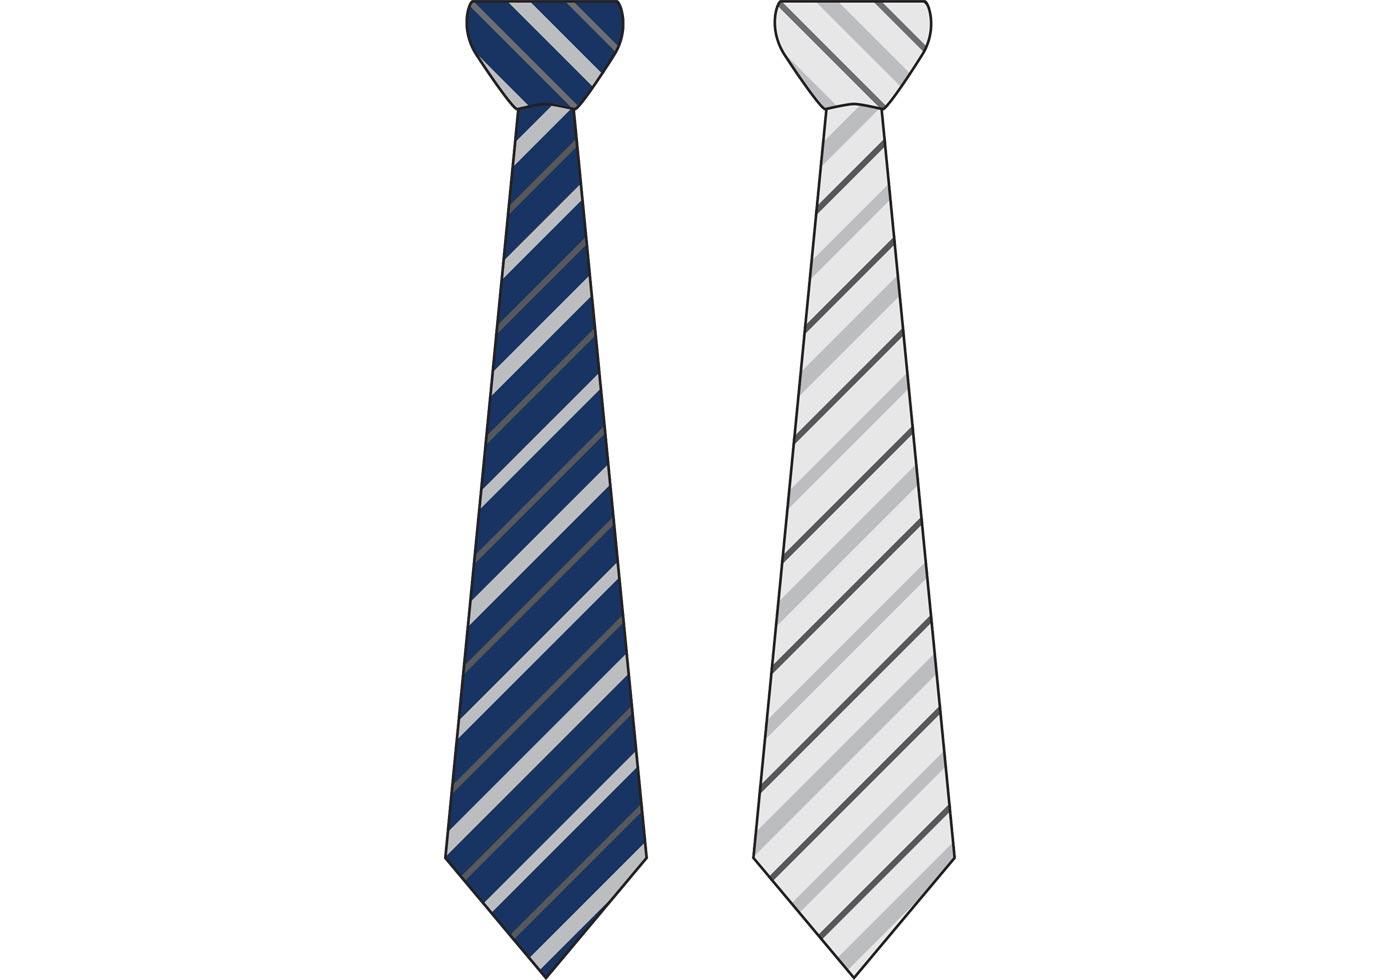 Mens Fashion Striped Tie Striped Shirt